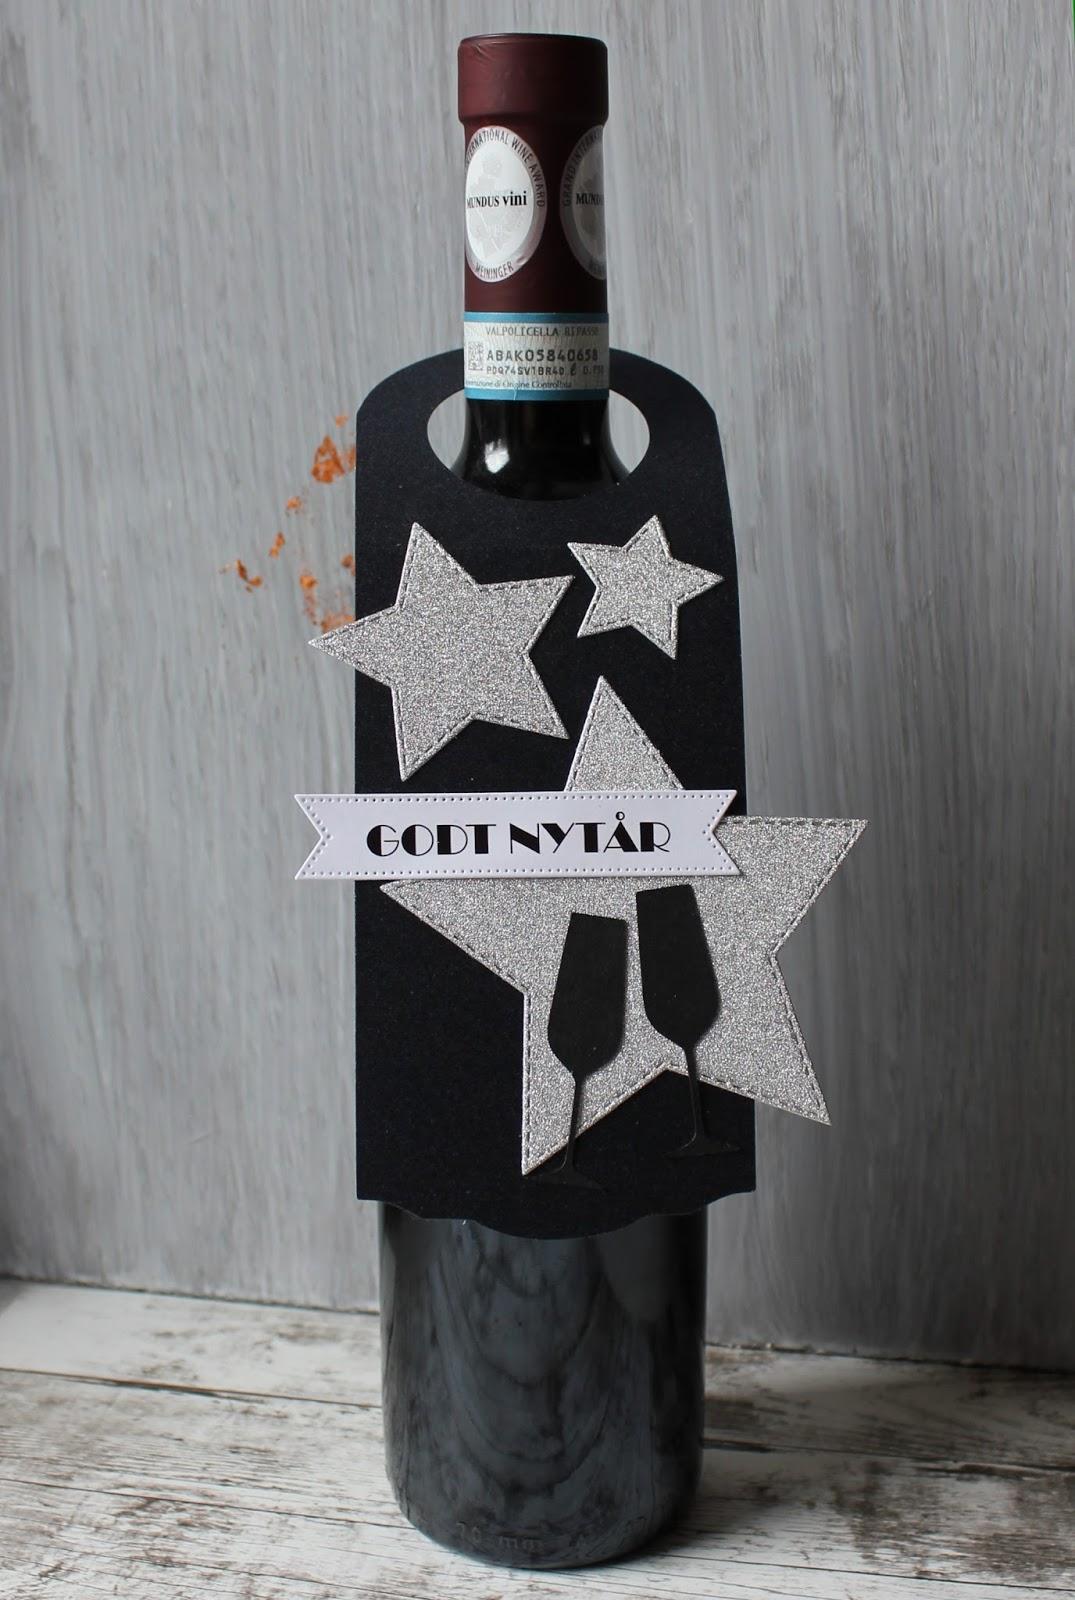 5b7cc063003 Det tager ikke så lang tid lige at samle dette simple tag. Jeg har skåret  taggen og champagneglassene på min Silhouette Cameo, men jeg linker til  nogle dies ...